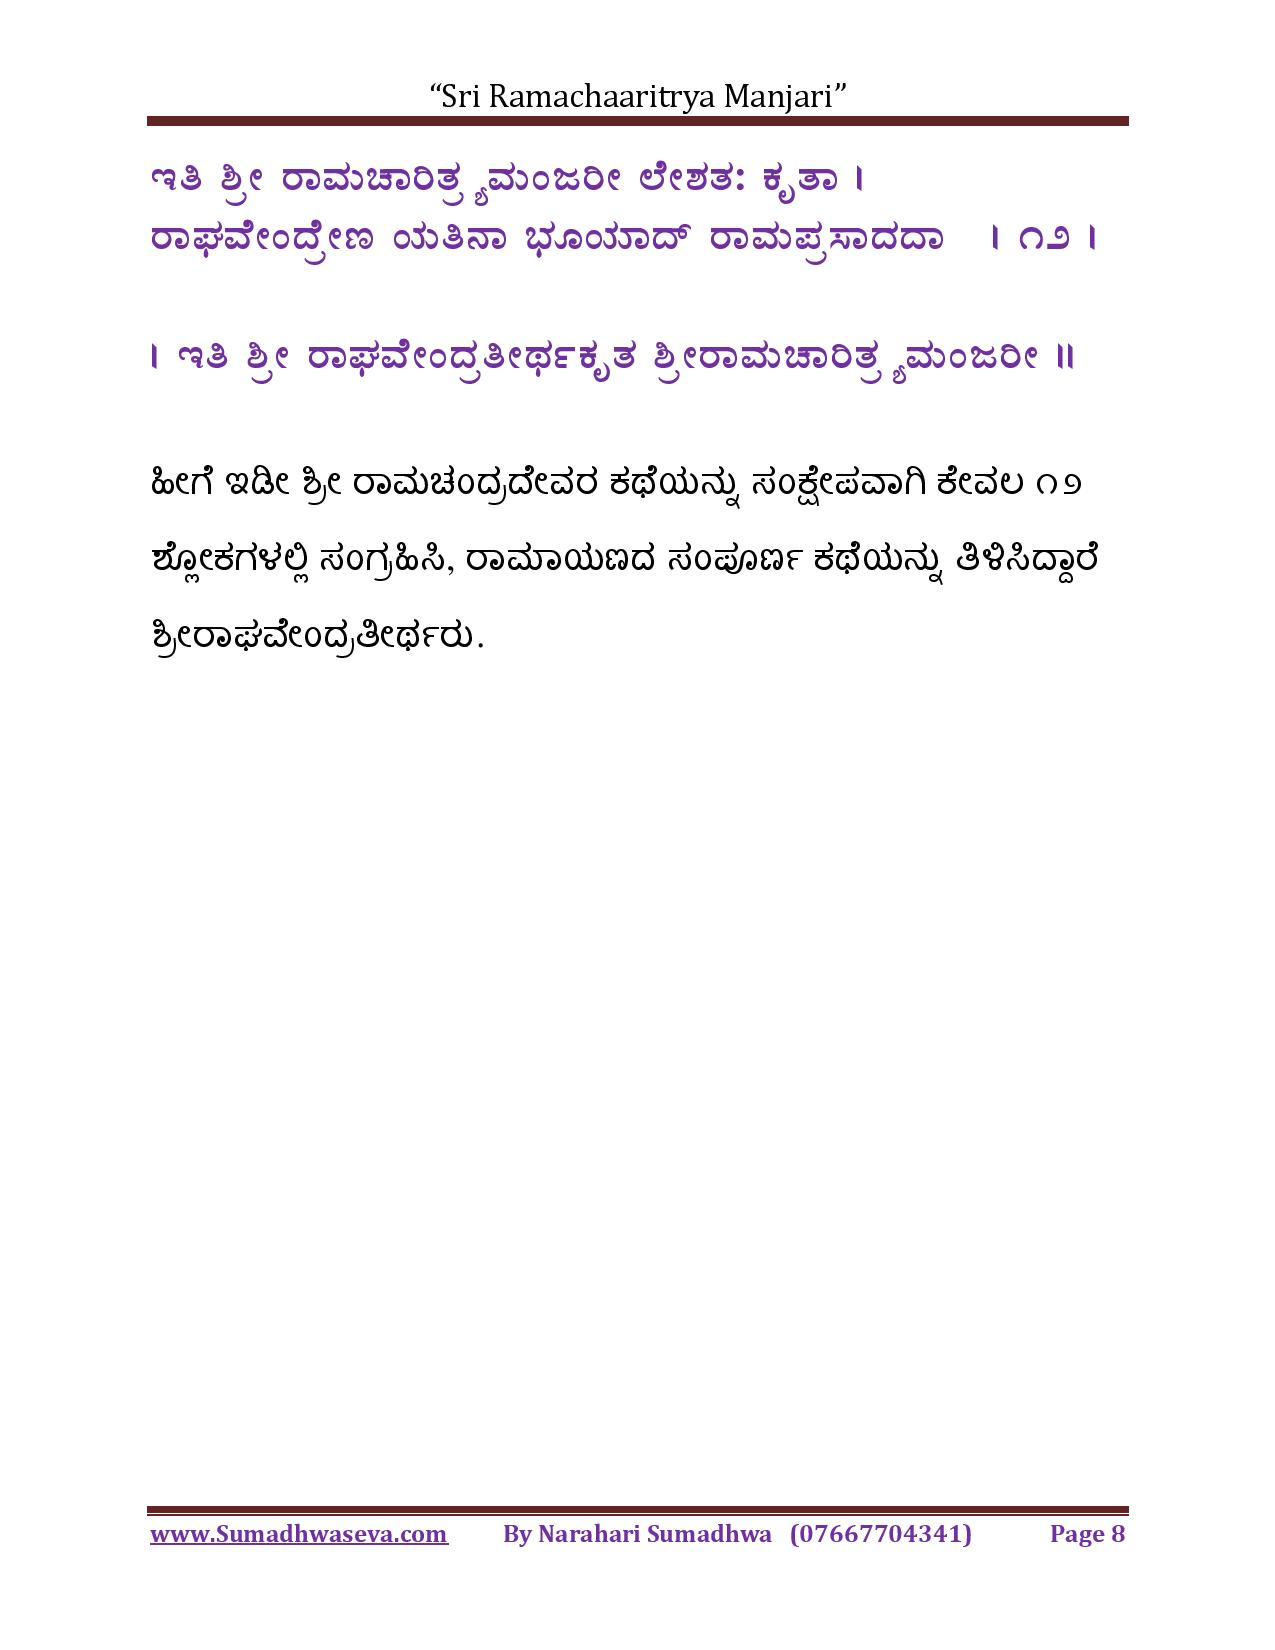 Ramacharitya-Manjari-Kannada-page-008